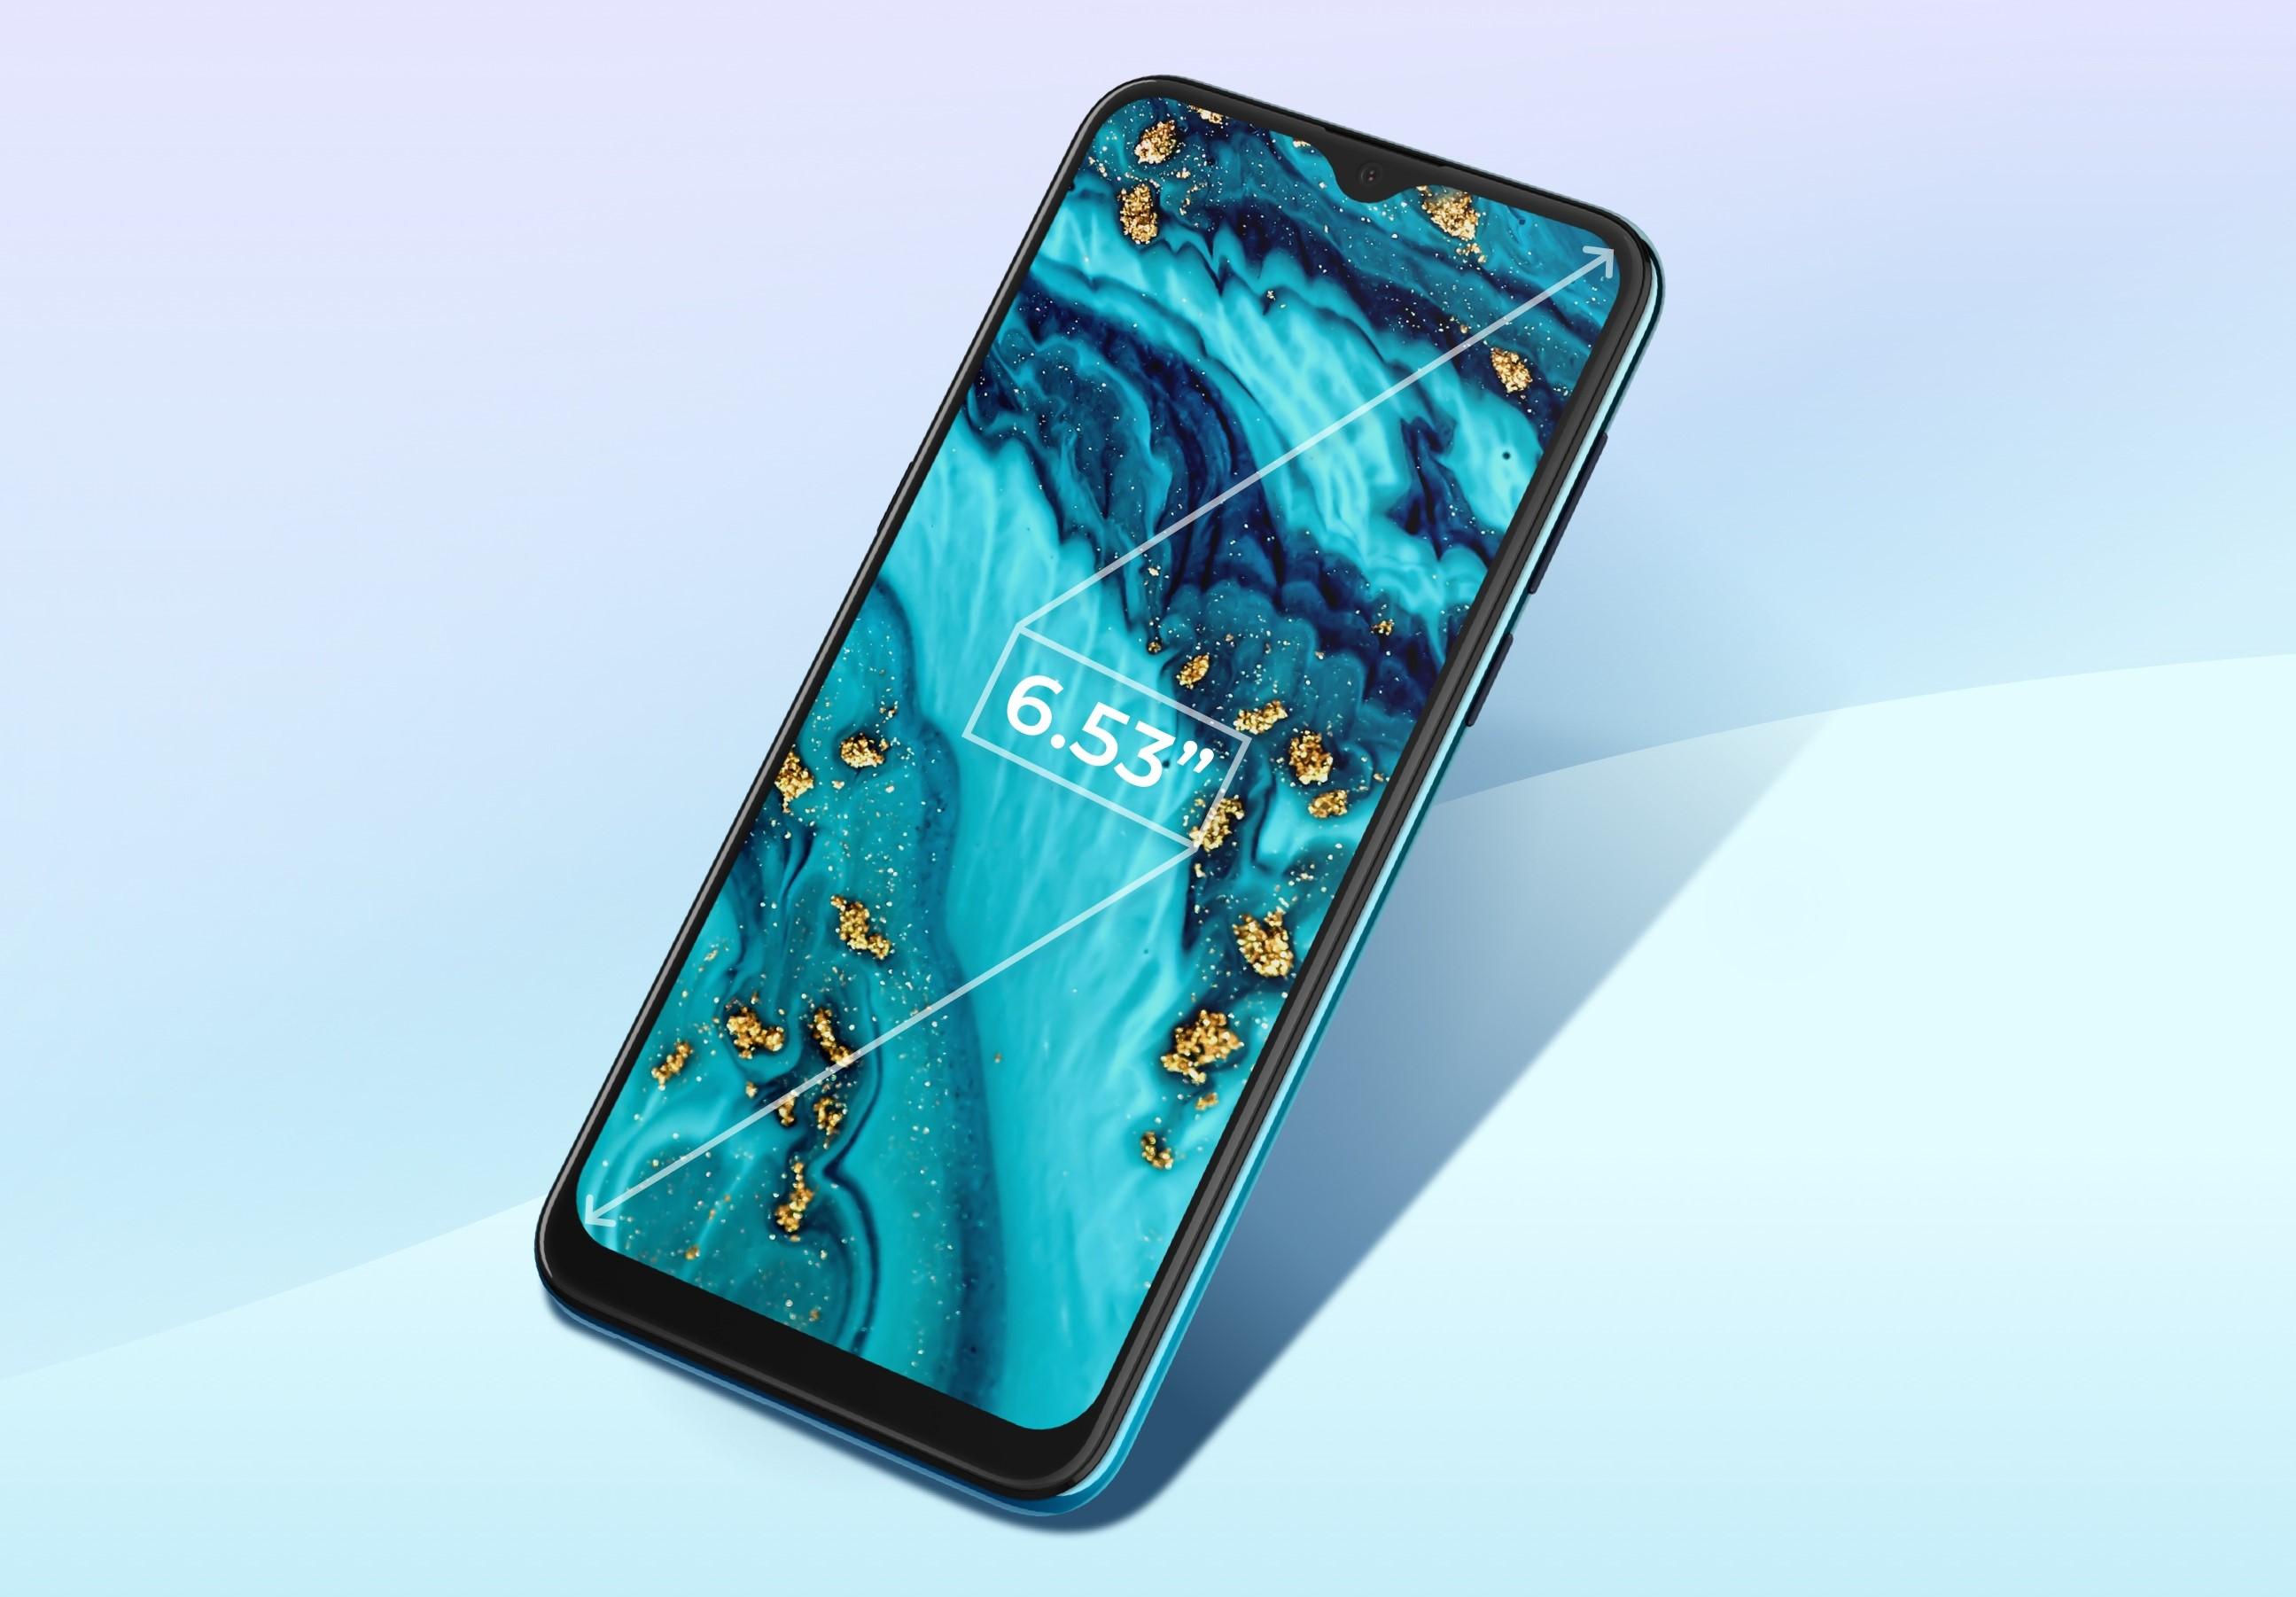 Pierwszy smartfon HTC w tym roku. Wildfire R70 to ucieleśnienie androbiedy